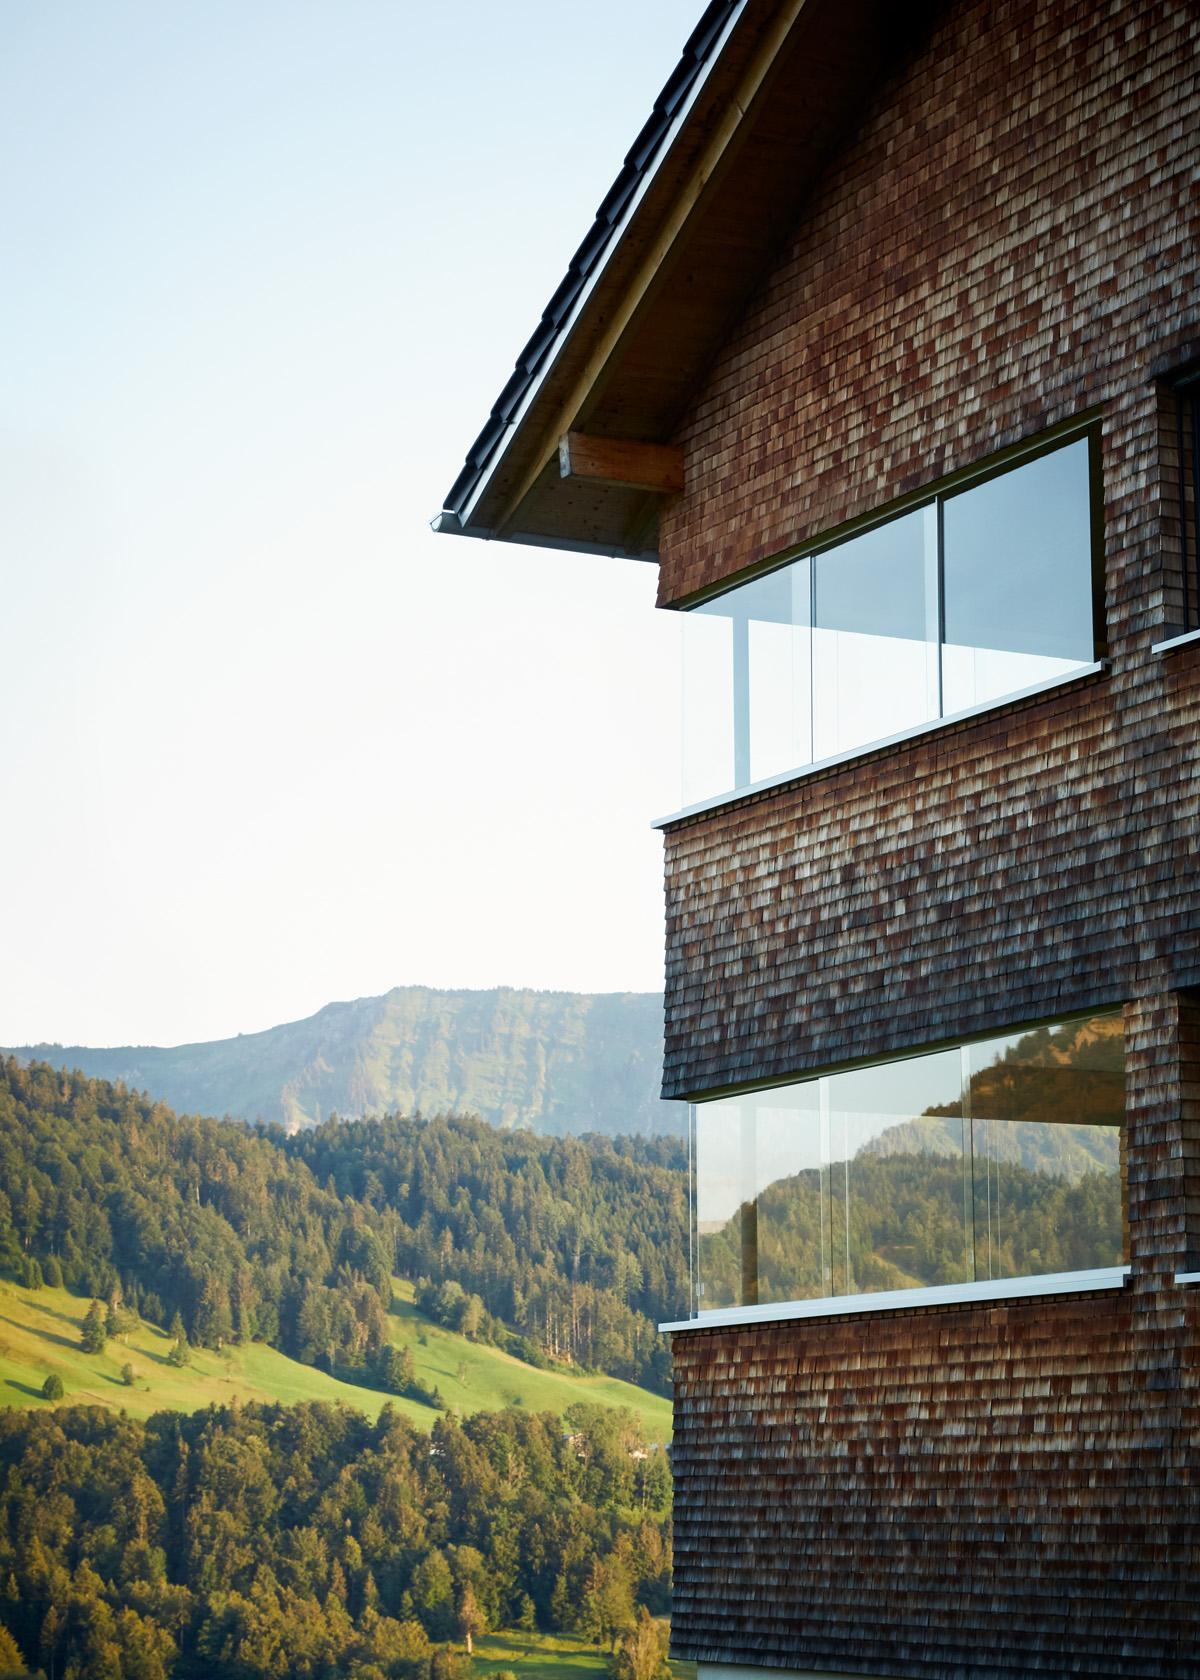 Bregenzerwald, furniture making and architecture, municipality of Hittisau